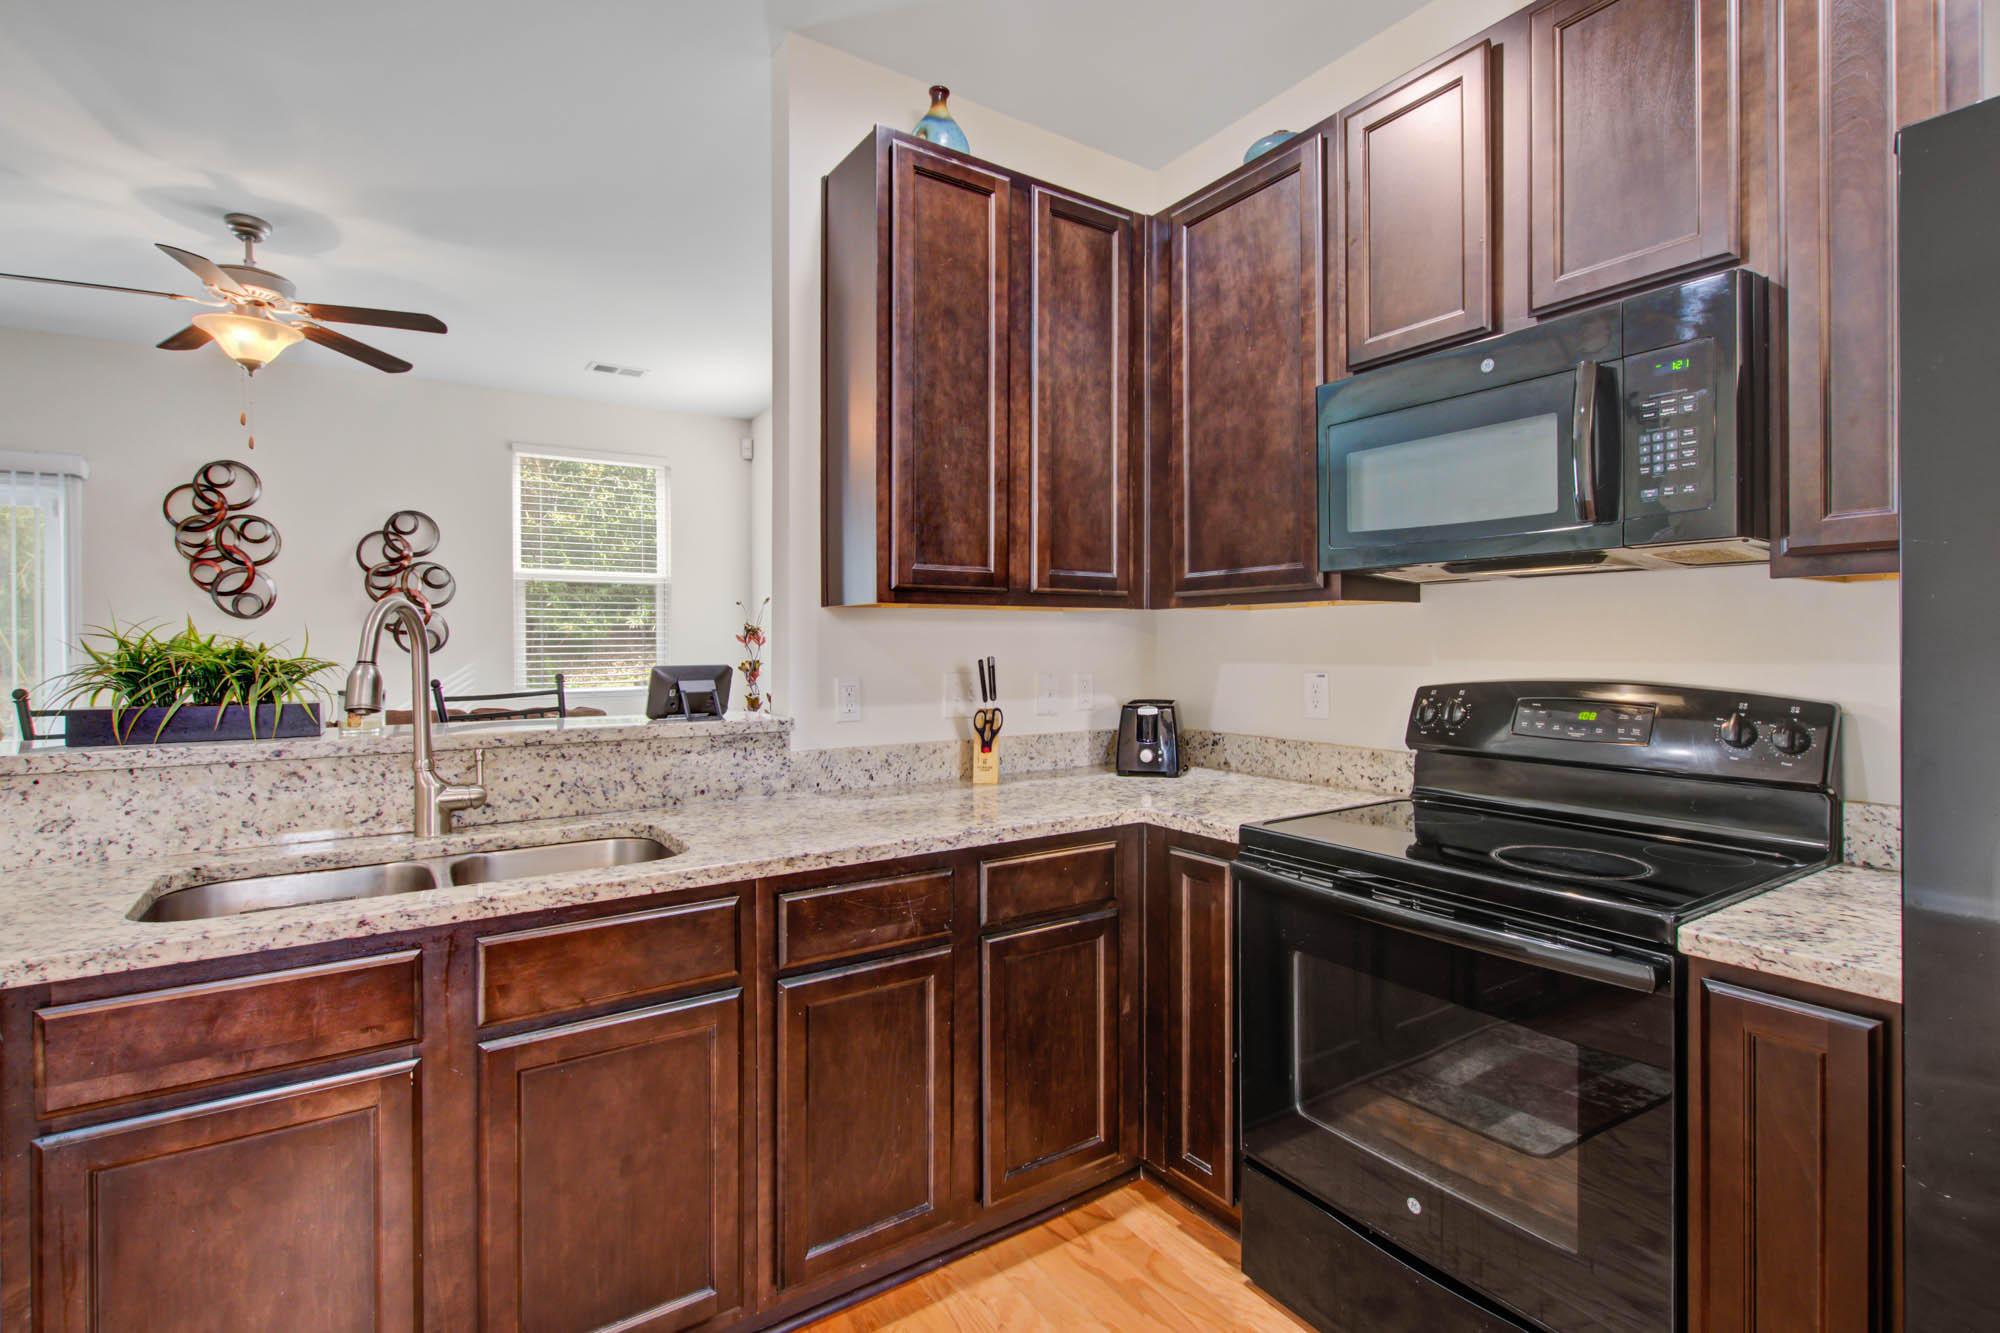 Hidden Palms Homes For Sale - 164 Hidden Palms, Summerville, SC - 11